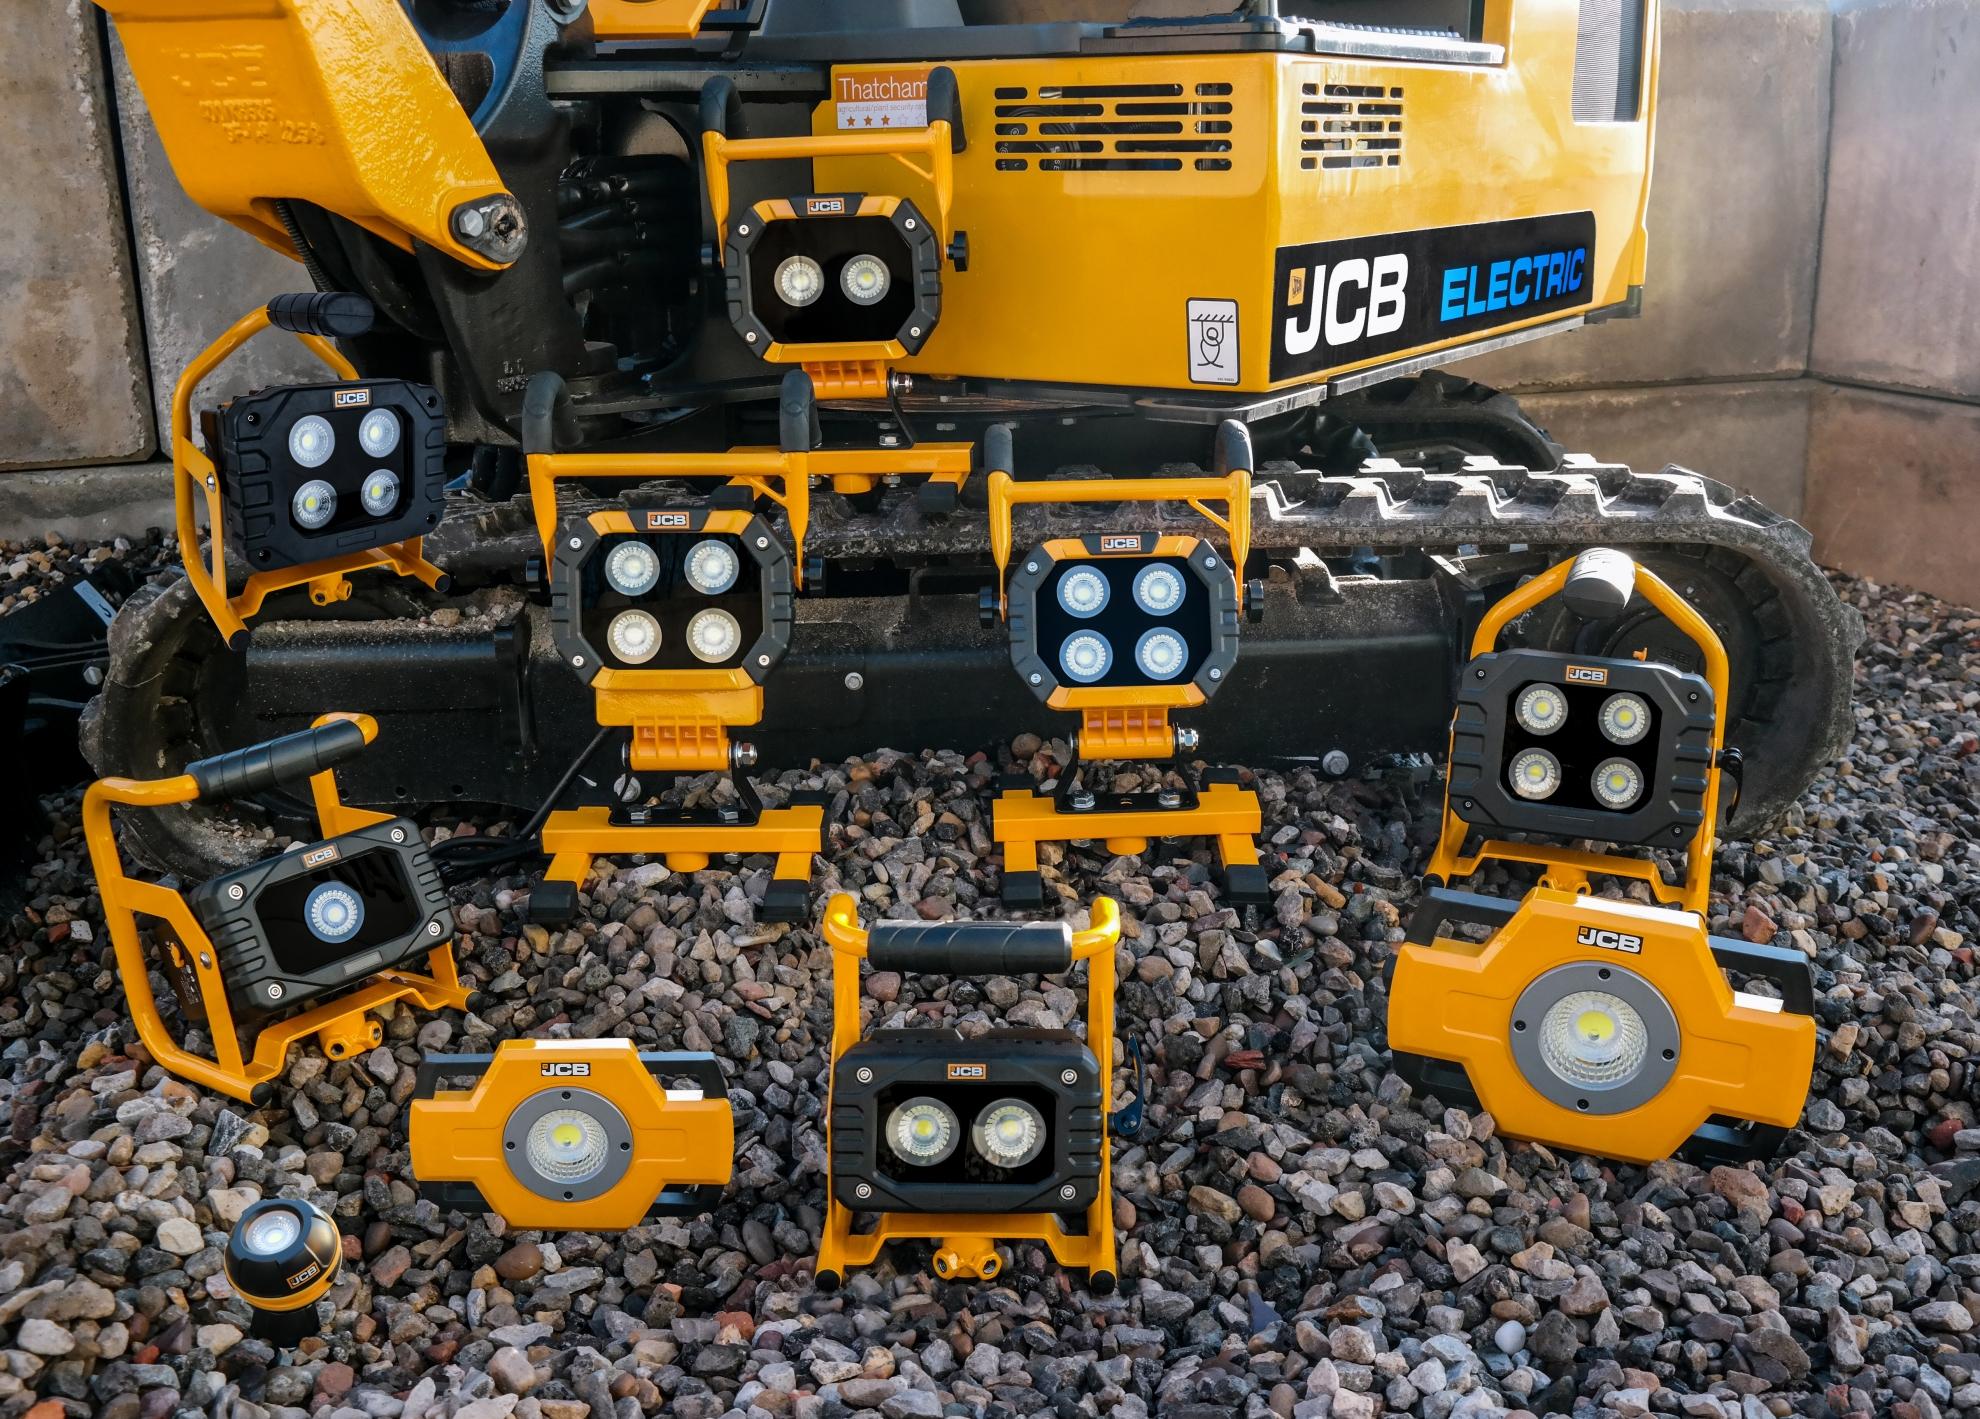 JCB Work Light Group Shot